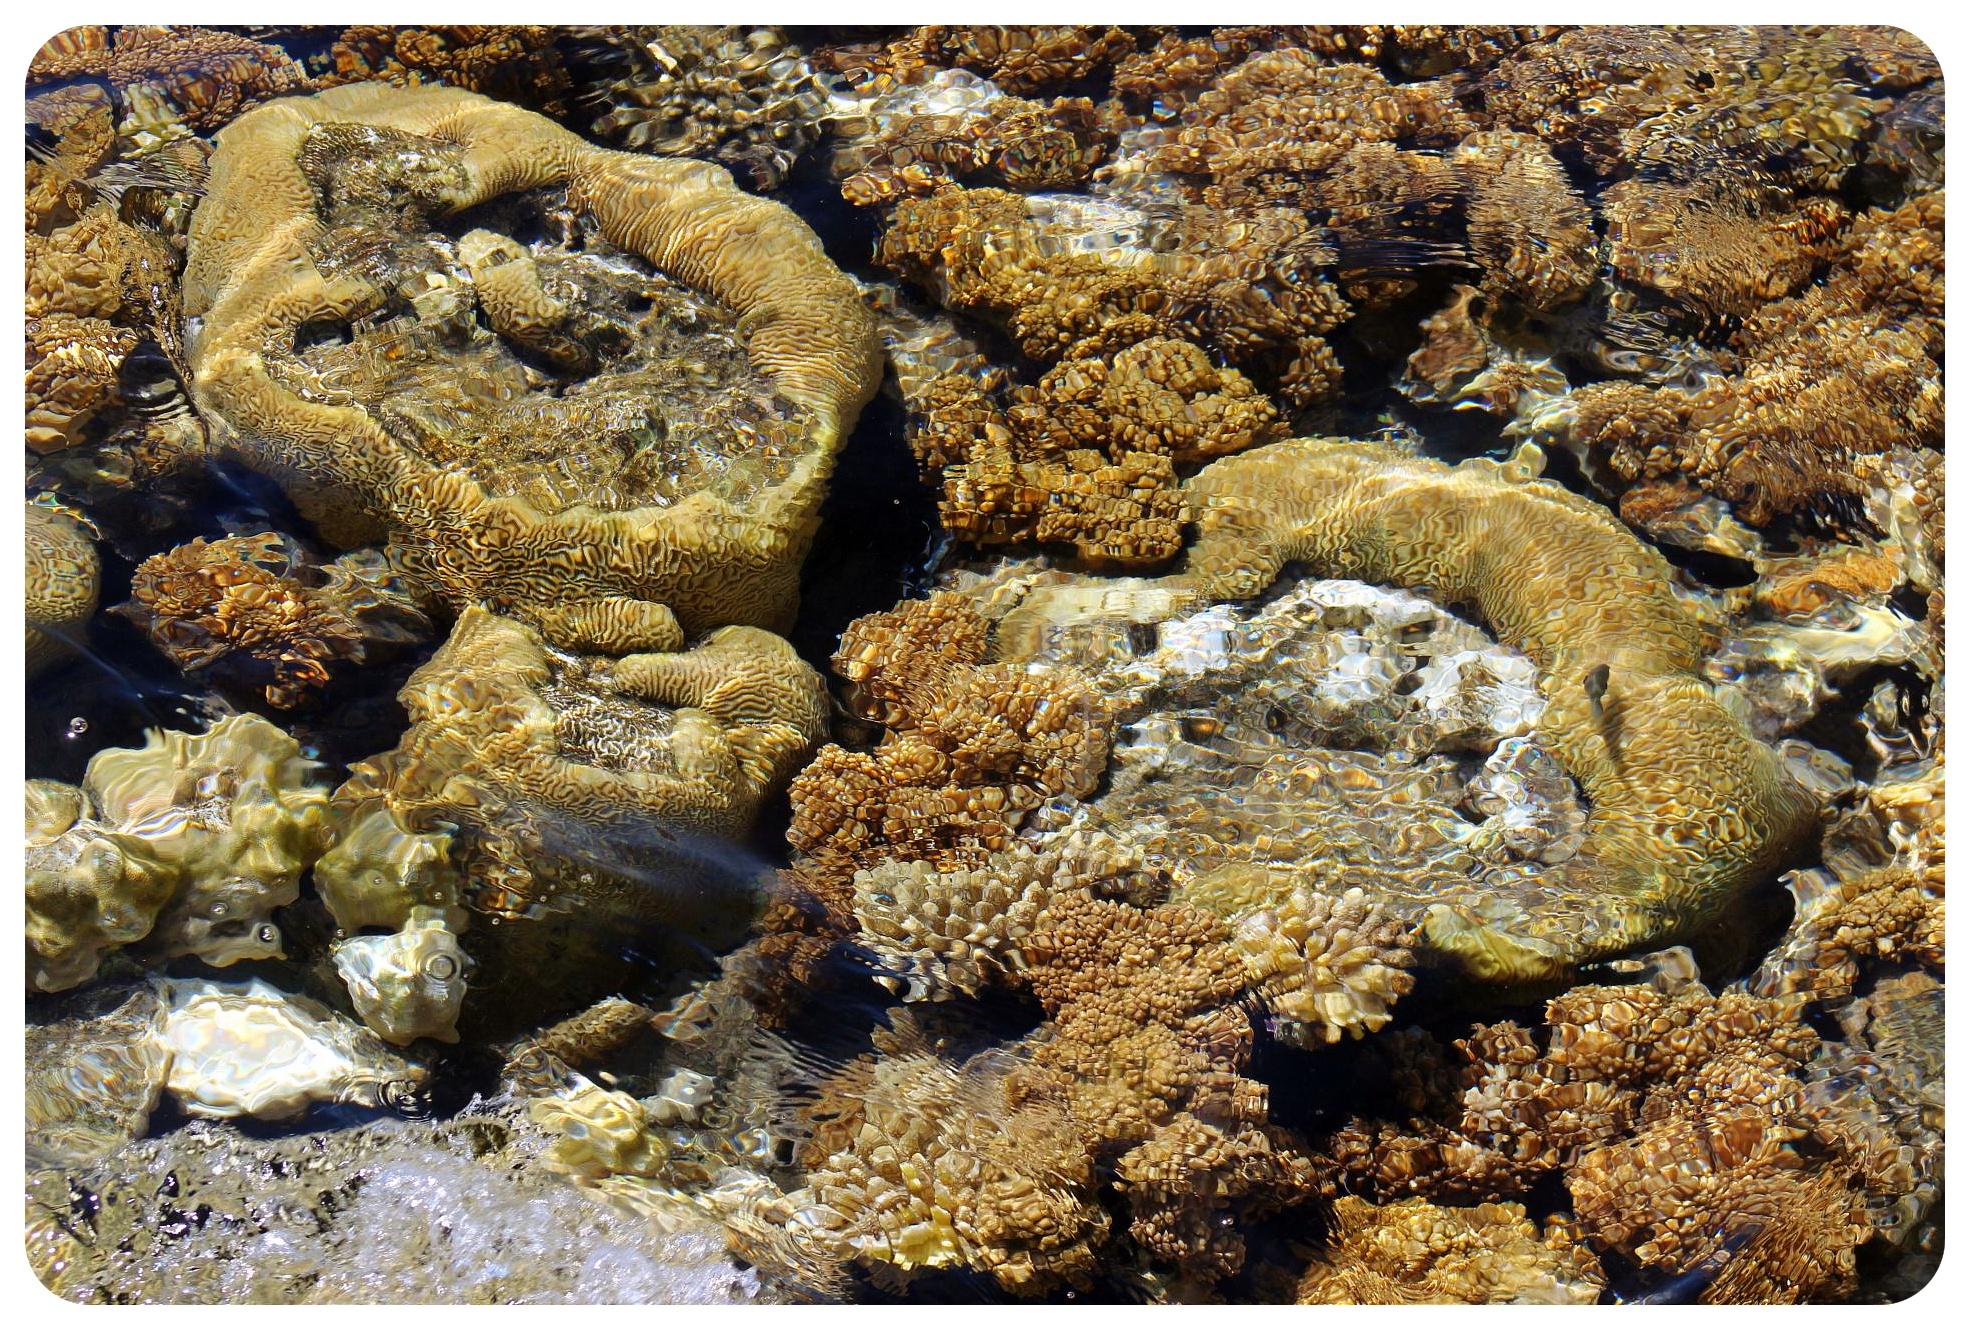 coral reef eilat israel